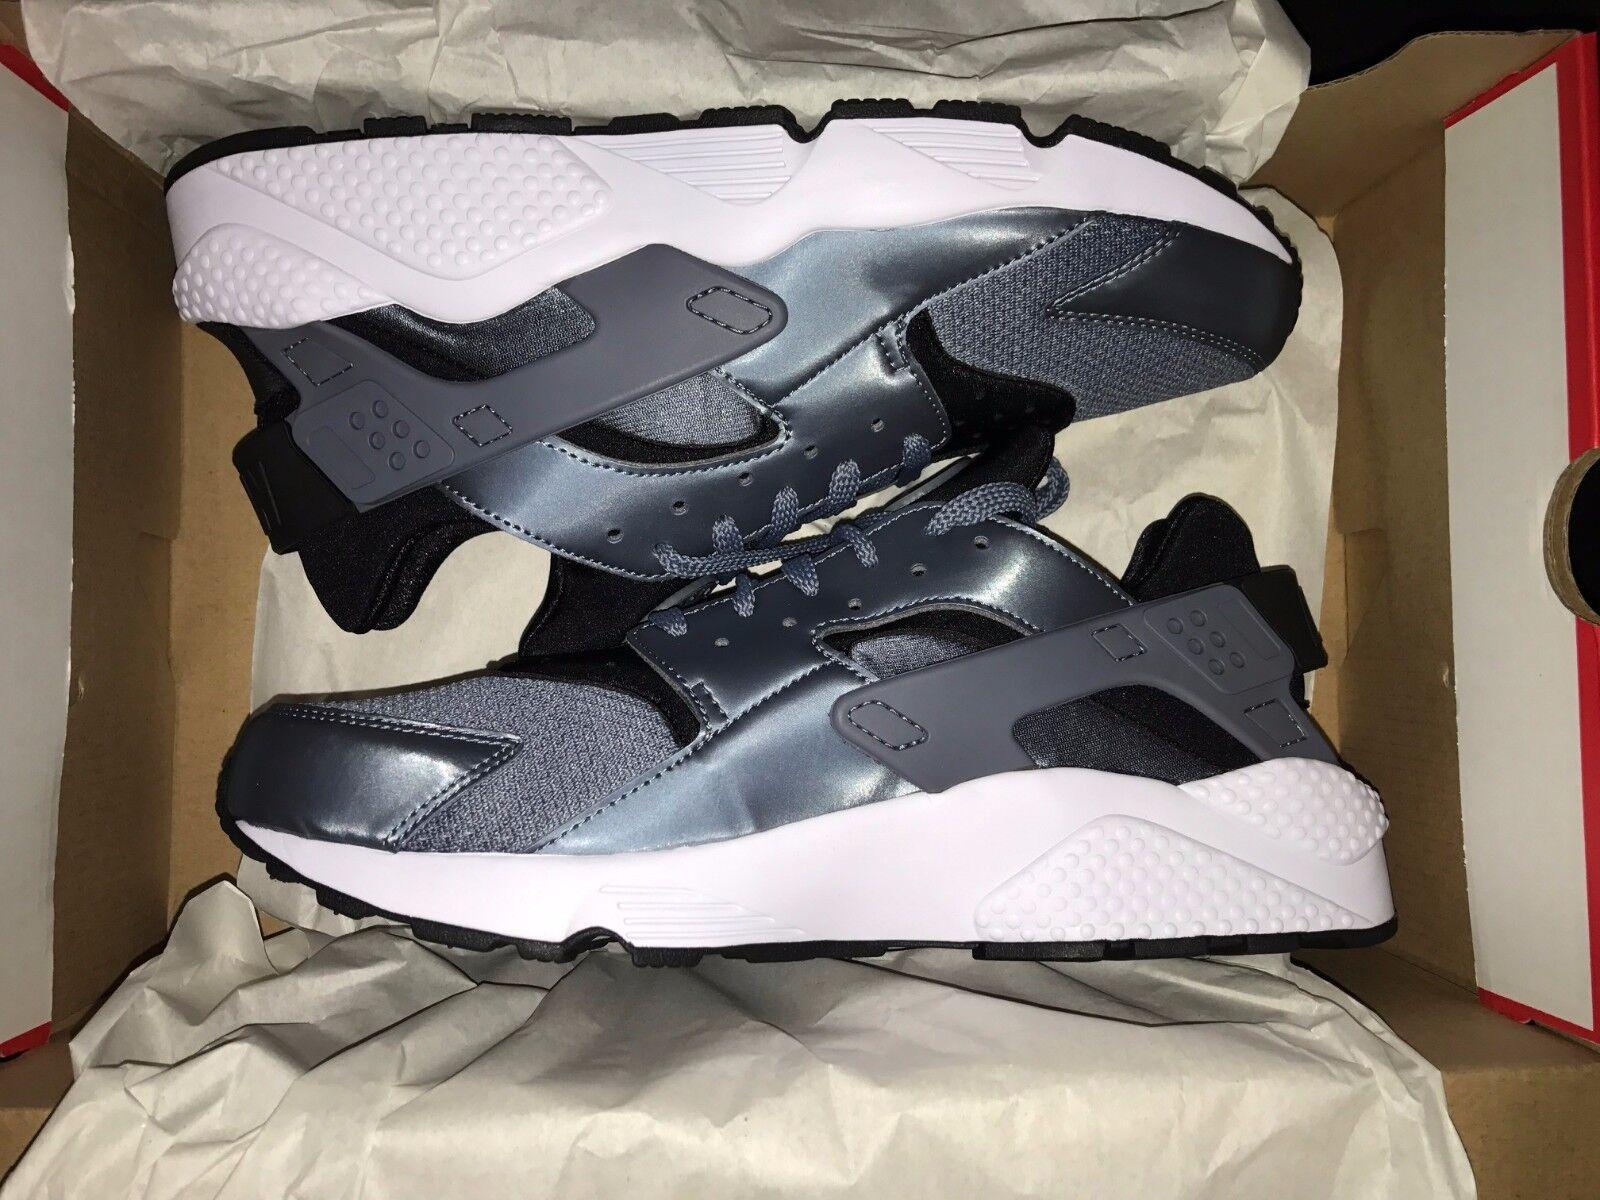 Nike air huarache gray armeria blu e nero e scarpe bianche 318429-419 - numero 10